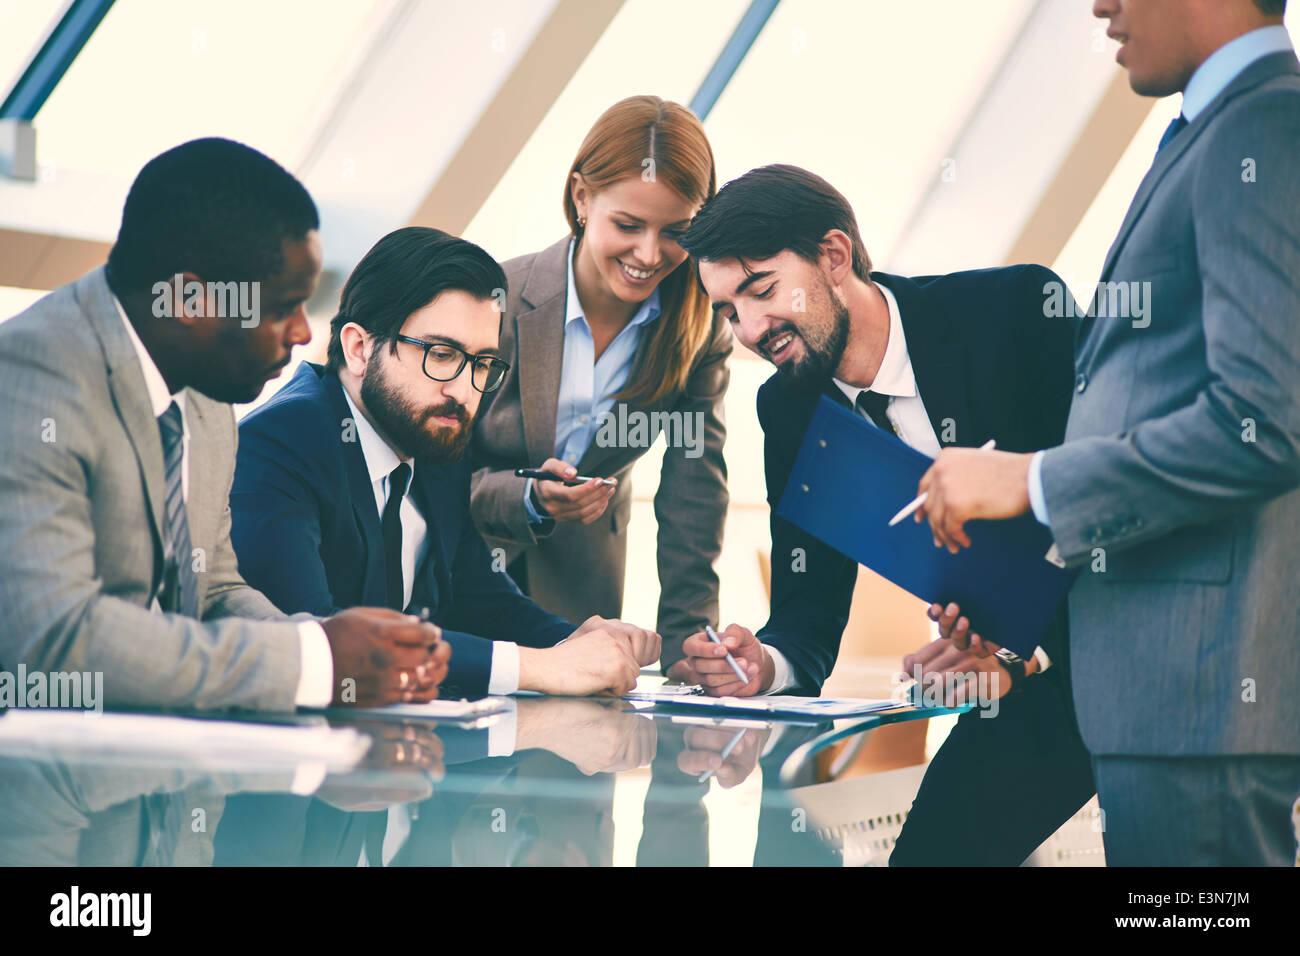 Gruppe von Geschäftsleuten diskutieren Daten oder Ideen der Tagung zu erklären Stockbild